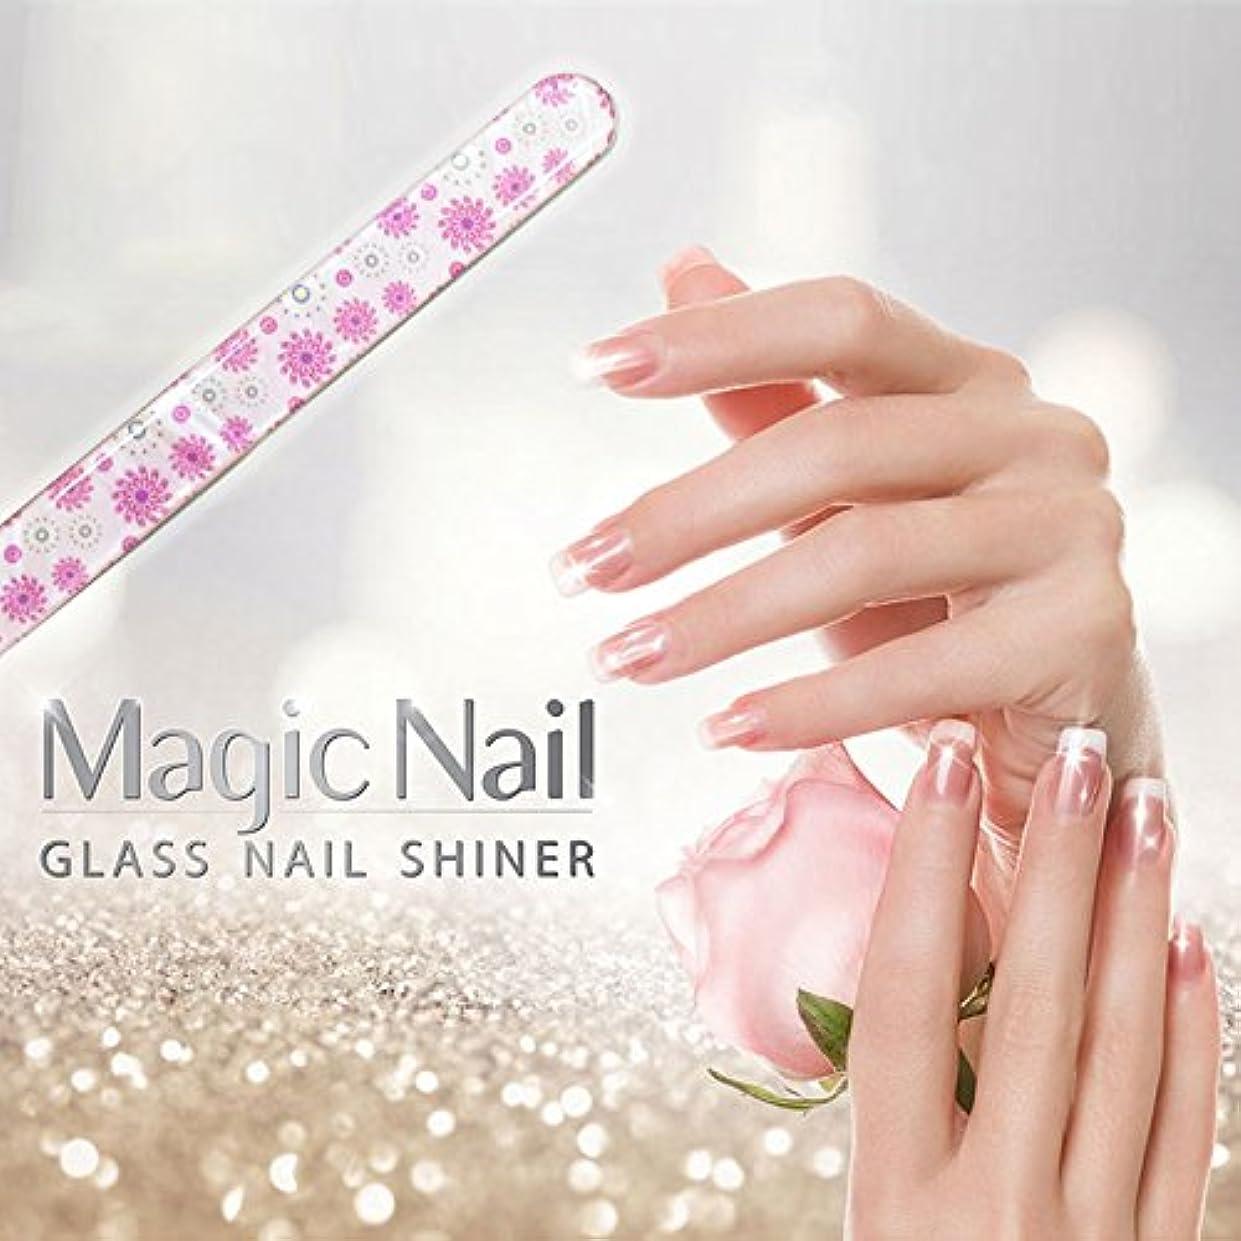 解読する五コメンテーターエッサンテ(Essante) マジックネイル magic nail マニキュアを塗ったようなツヤ、輝きが家で誰でも簡単に出来る glass nail shiner ガラスネイルシャイナー おしゃれなデザイン つめやすり ...